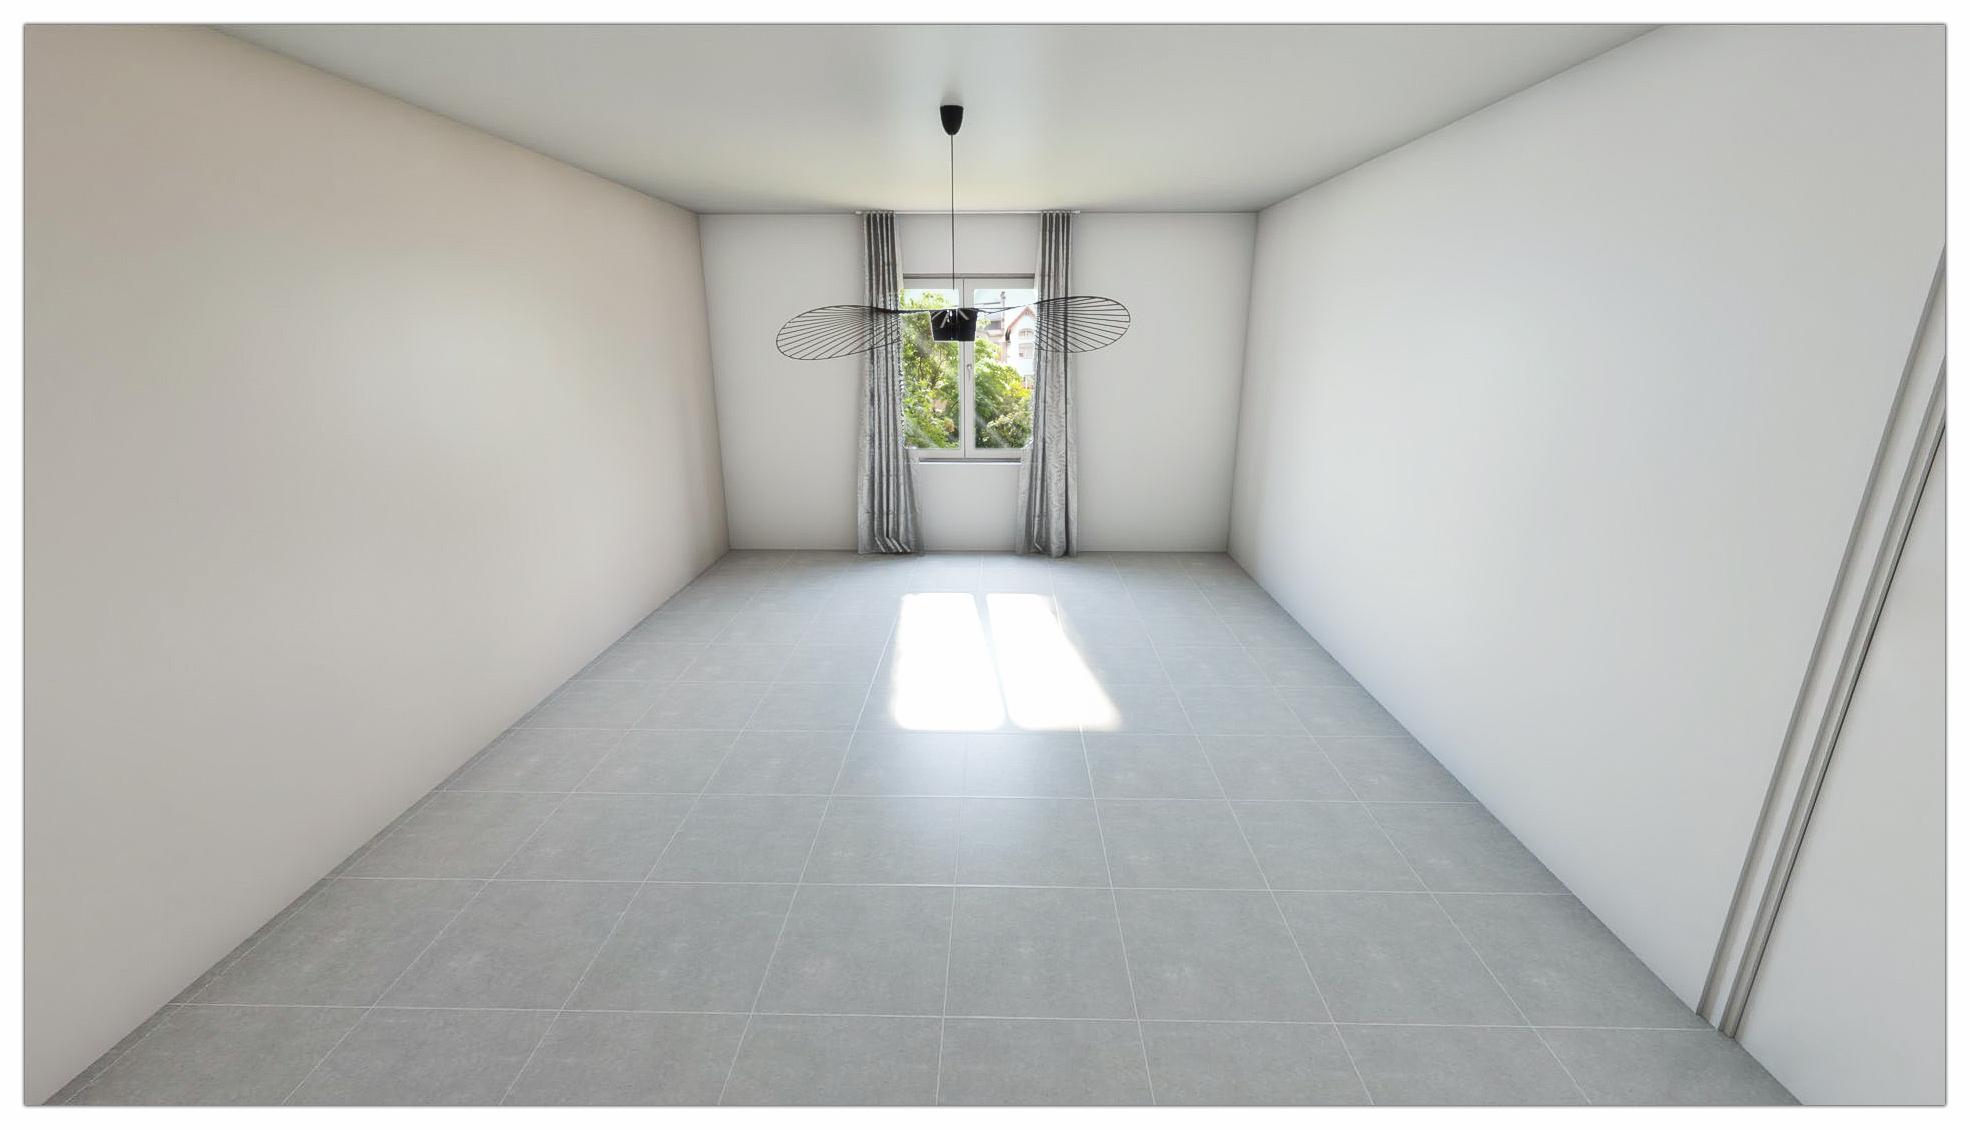 Un image 3D épurée d'une pièce vide